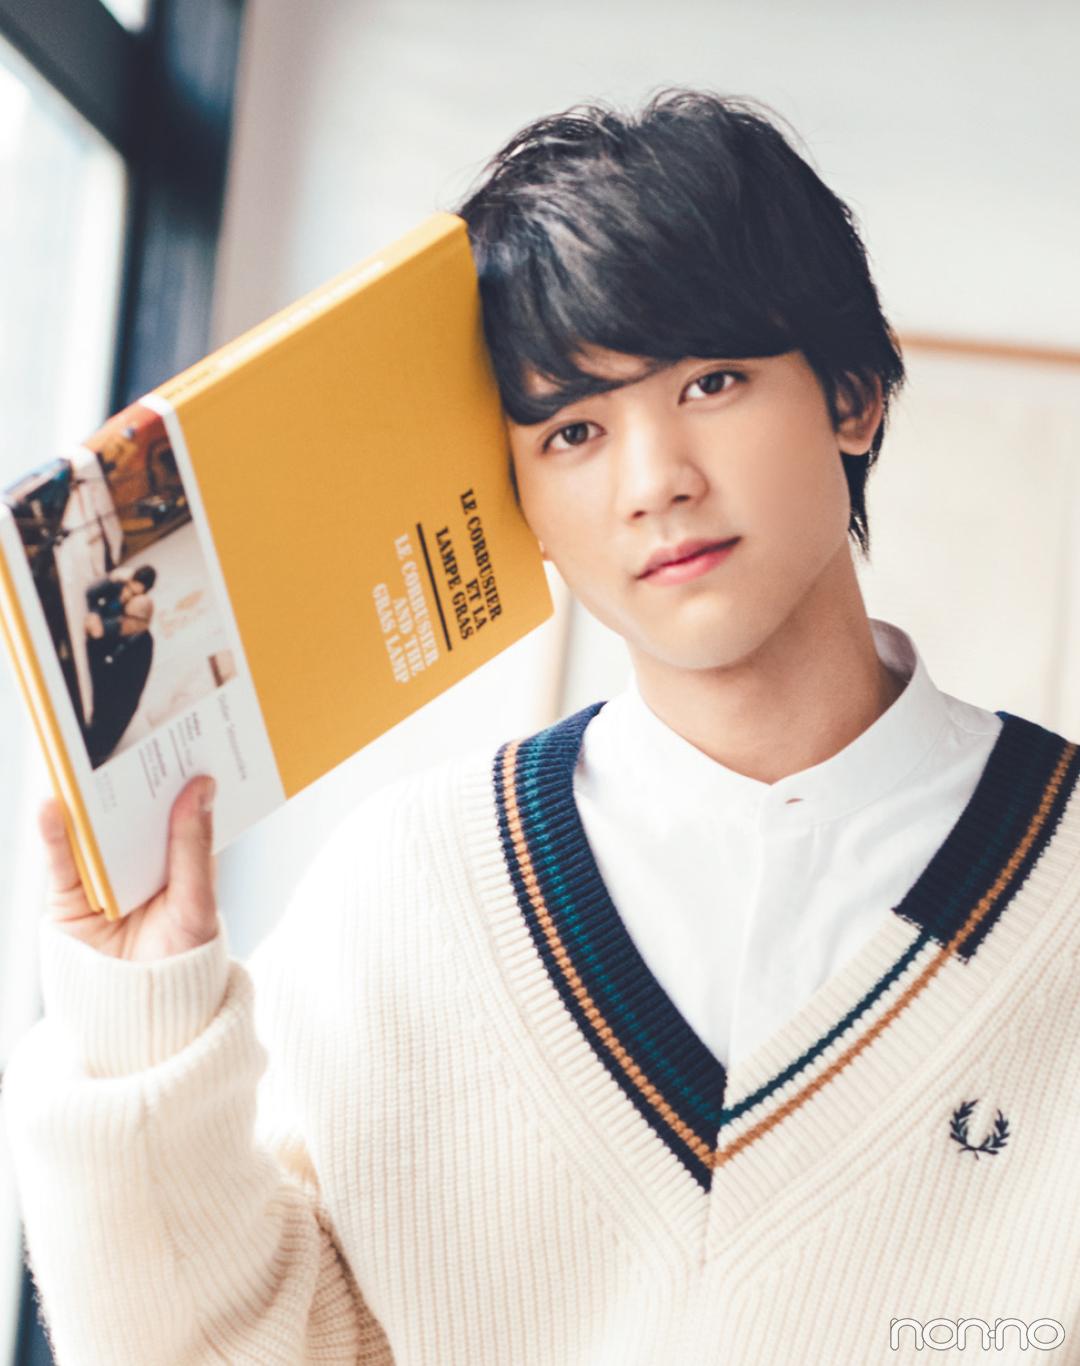 【ウェブ限定オフショ公開】板垣瑞生さんと図書館デート♡ _1_3